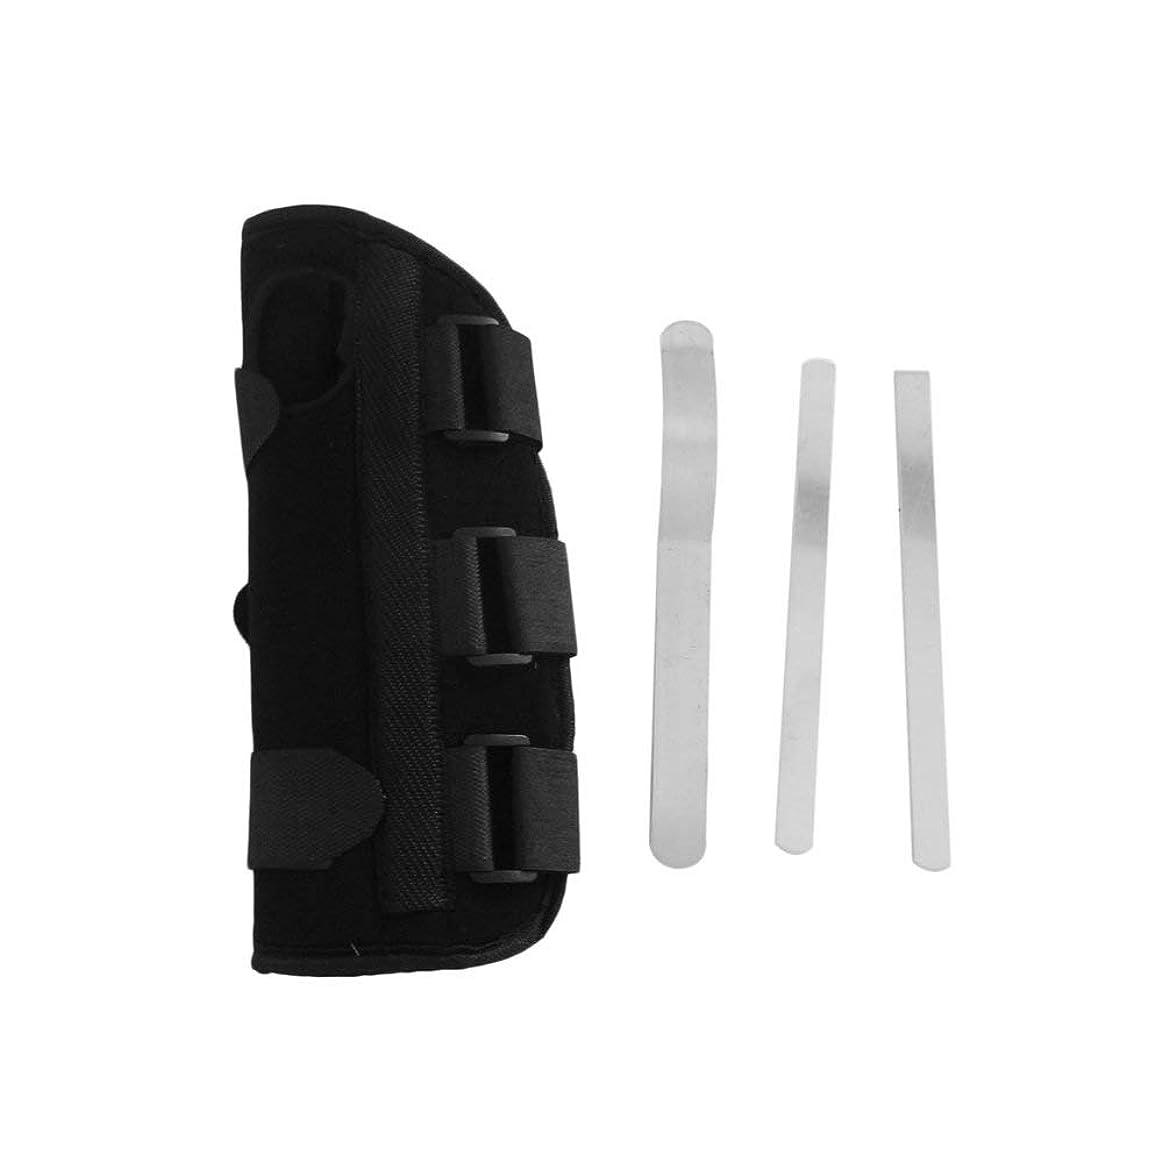 戦士消費者離れて手首副木ブレース保護サポートストラップカルペルトンネルCTS RSI痛み軽減リムーバブル副木快適な軽量ストラップ - ブラックM